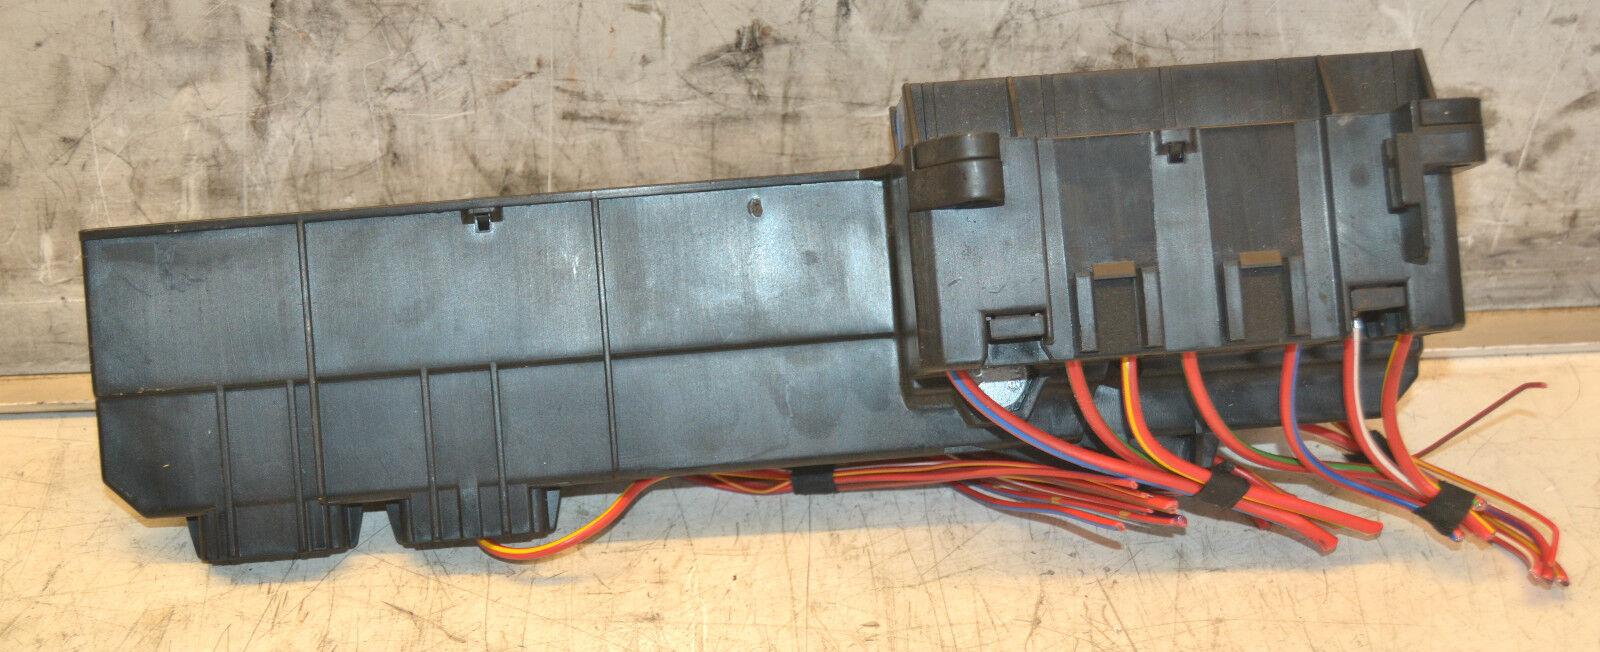 Bmw 4 Series Fuse Box Auto Electrical Wiring Diagram 2005 Kia Optima 5 6114 6957330